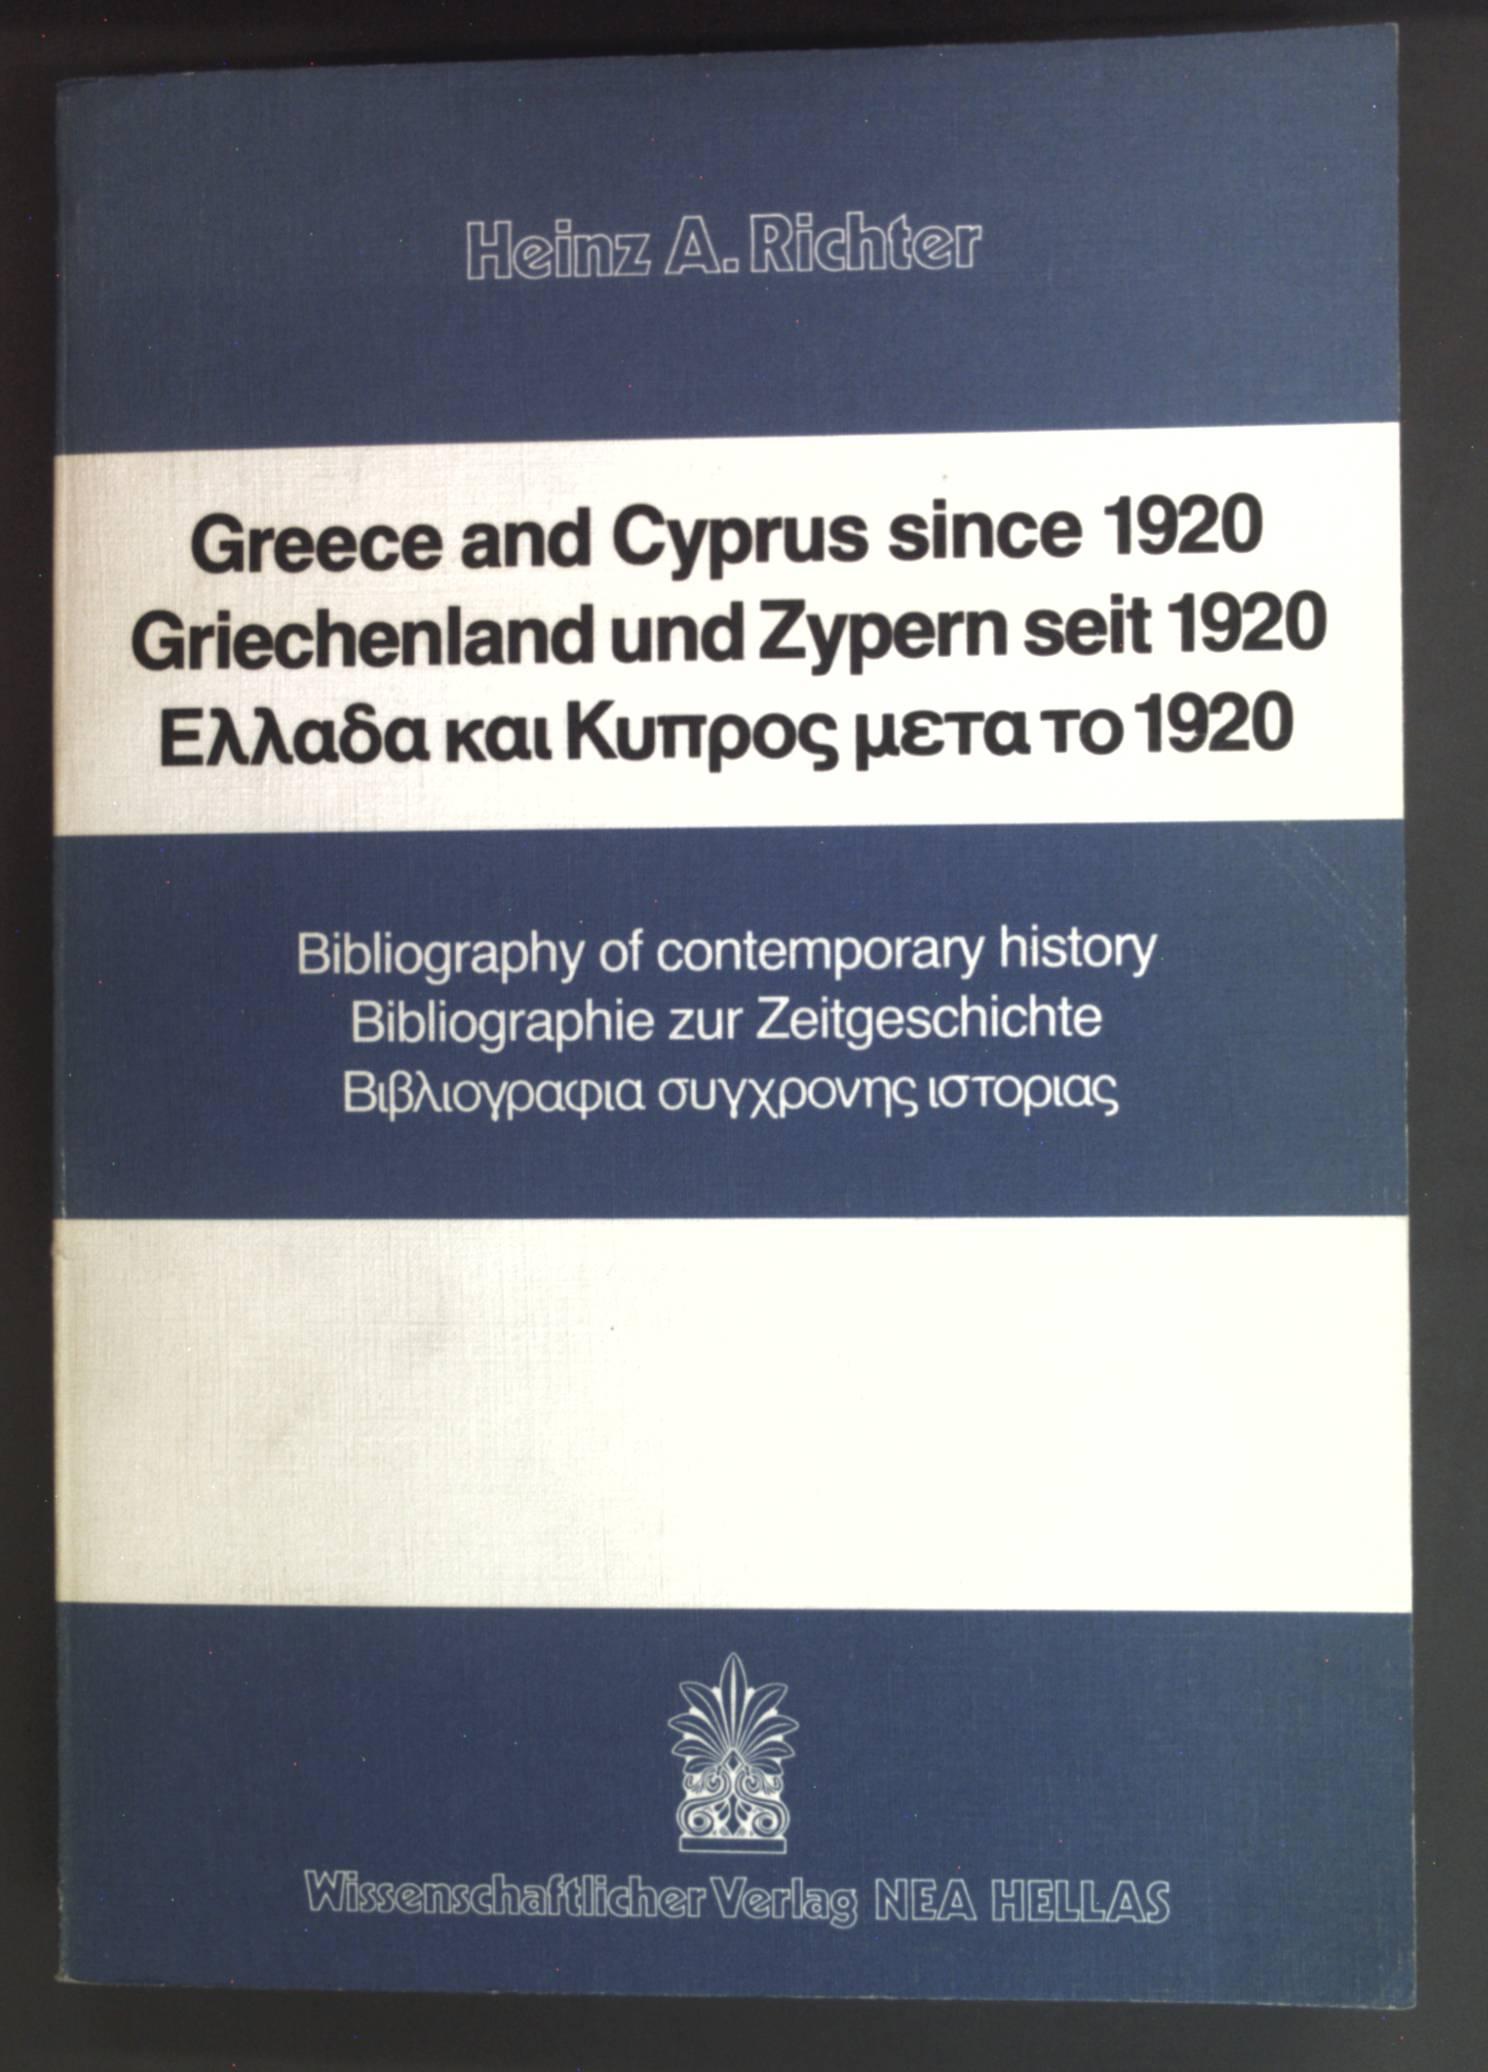 Greece and Cyprus since 1920 : bibliogr.: Richter, Heinz A.: